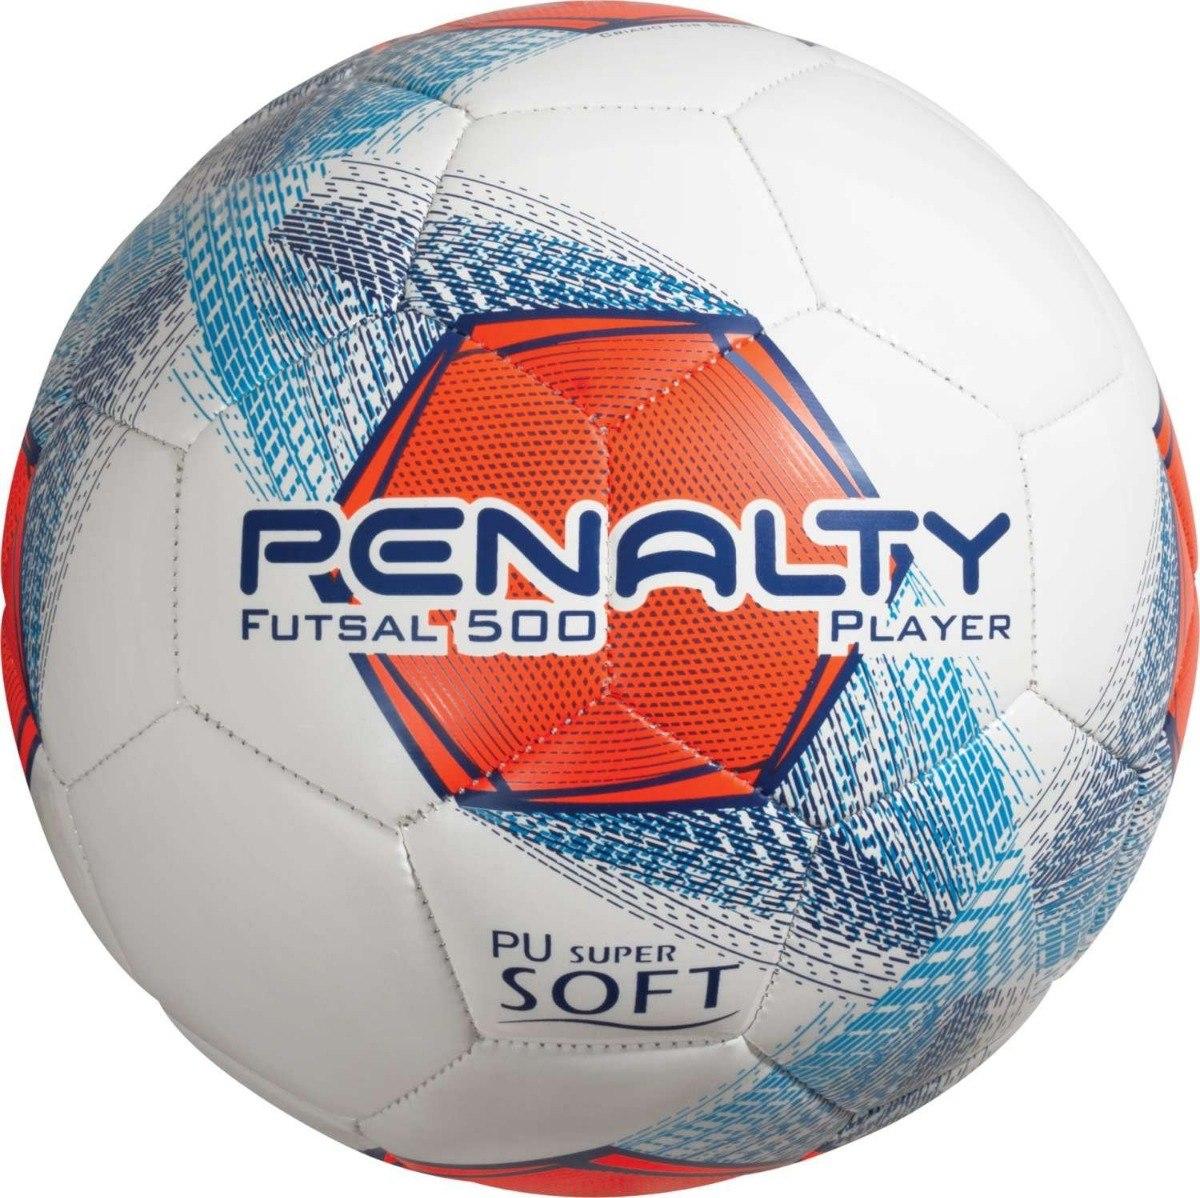 76121cc168ccf bola de futebol de salão futsal 500 player penalty (2018). Carregando zoom.